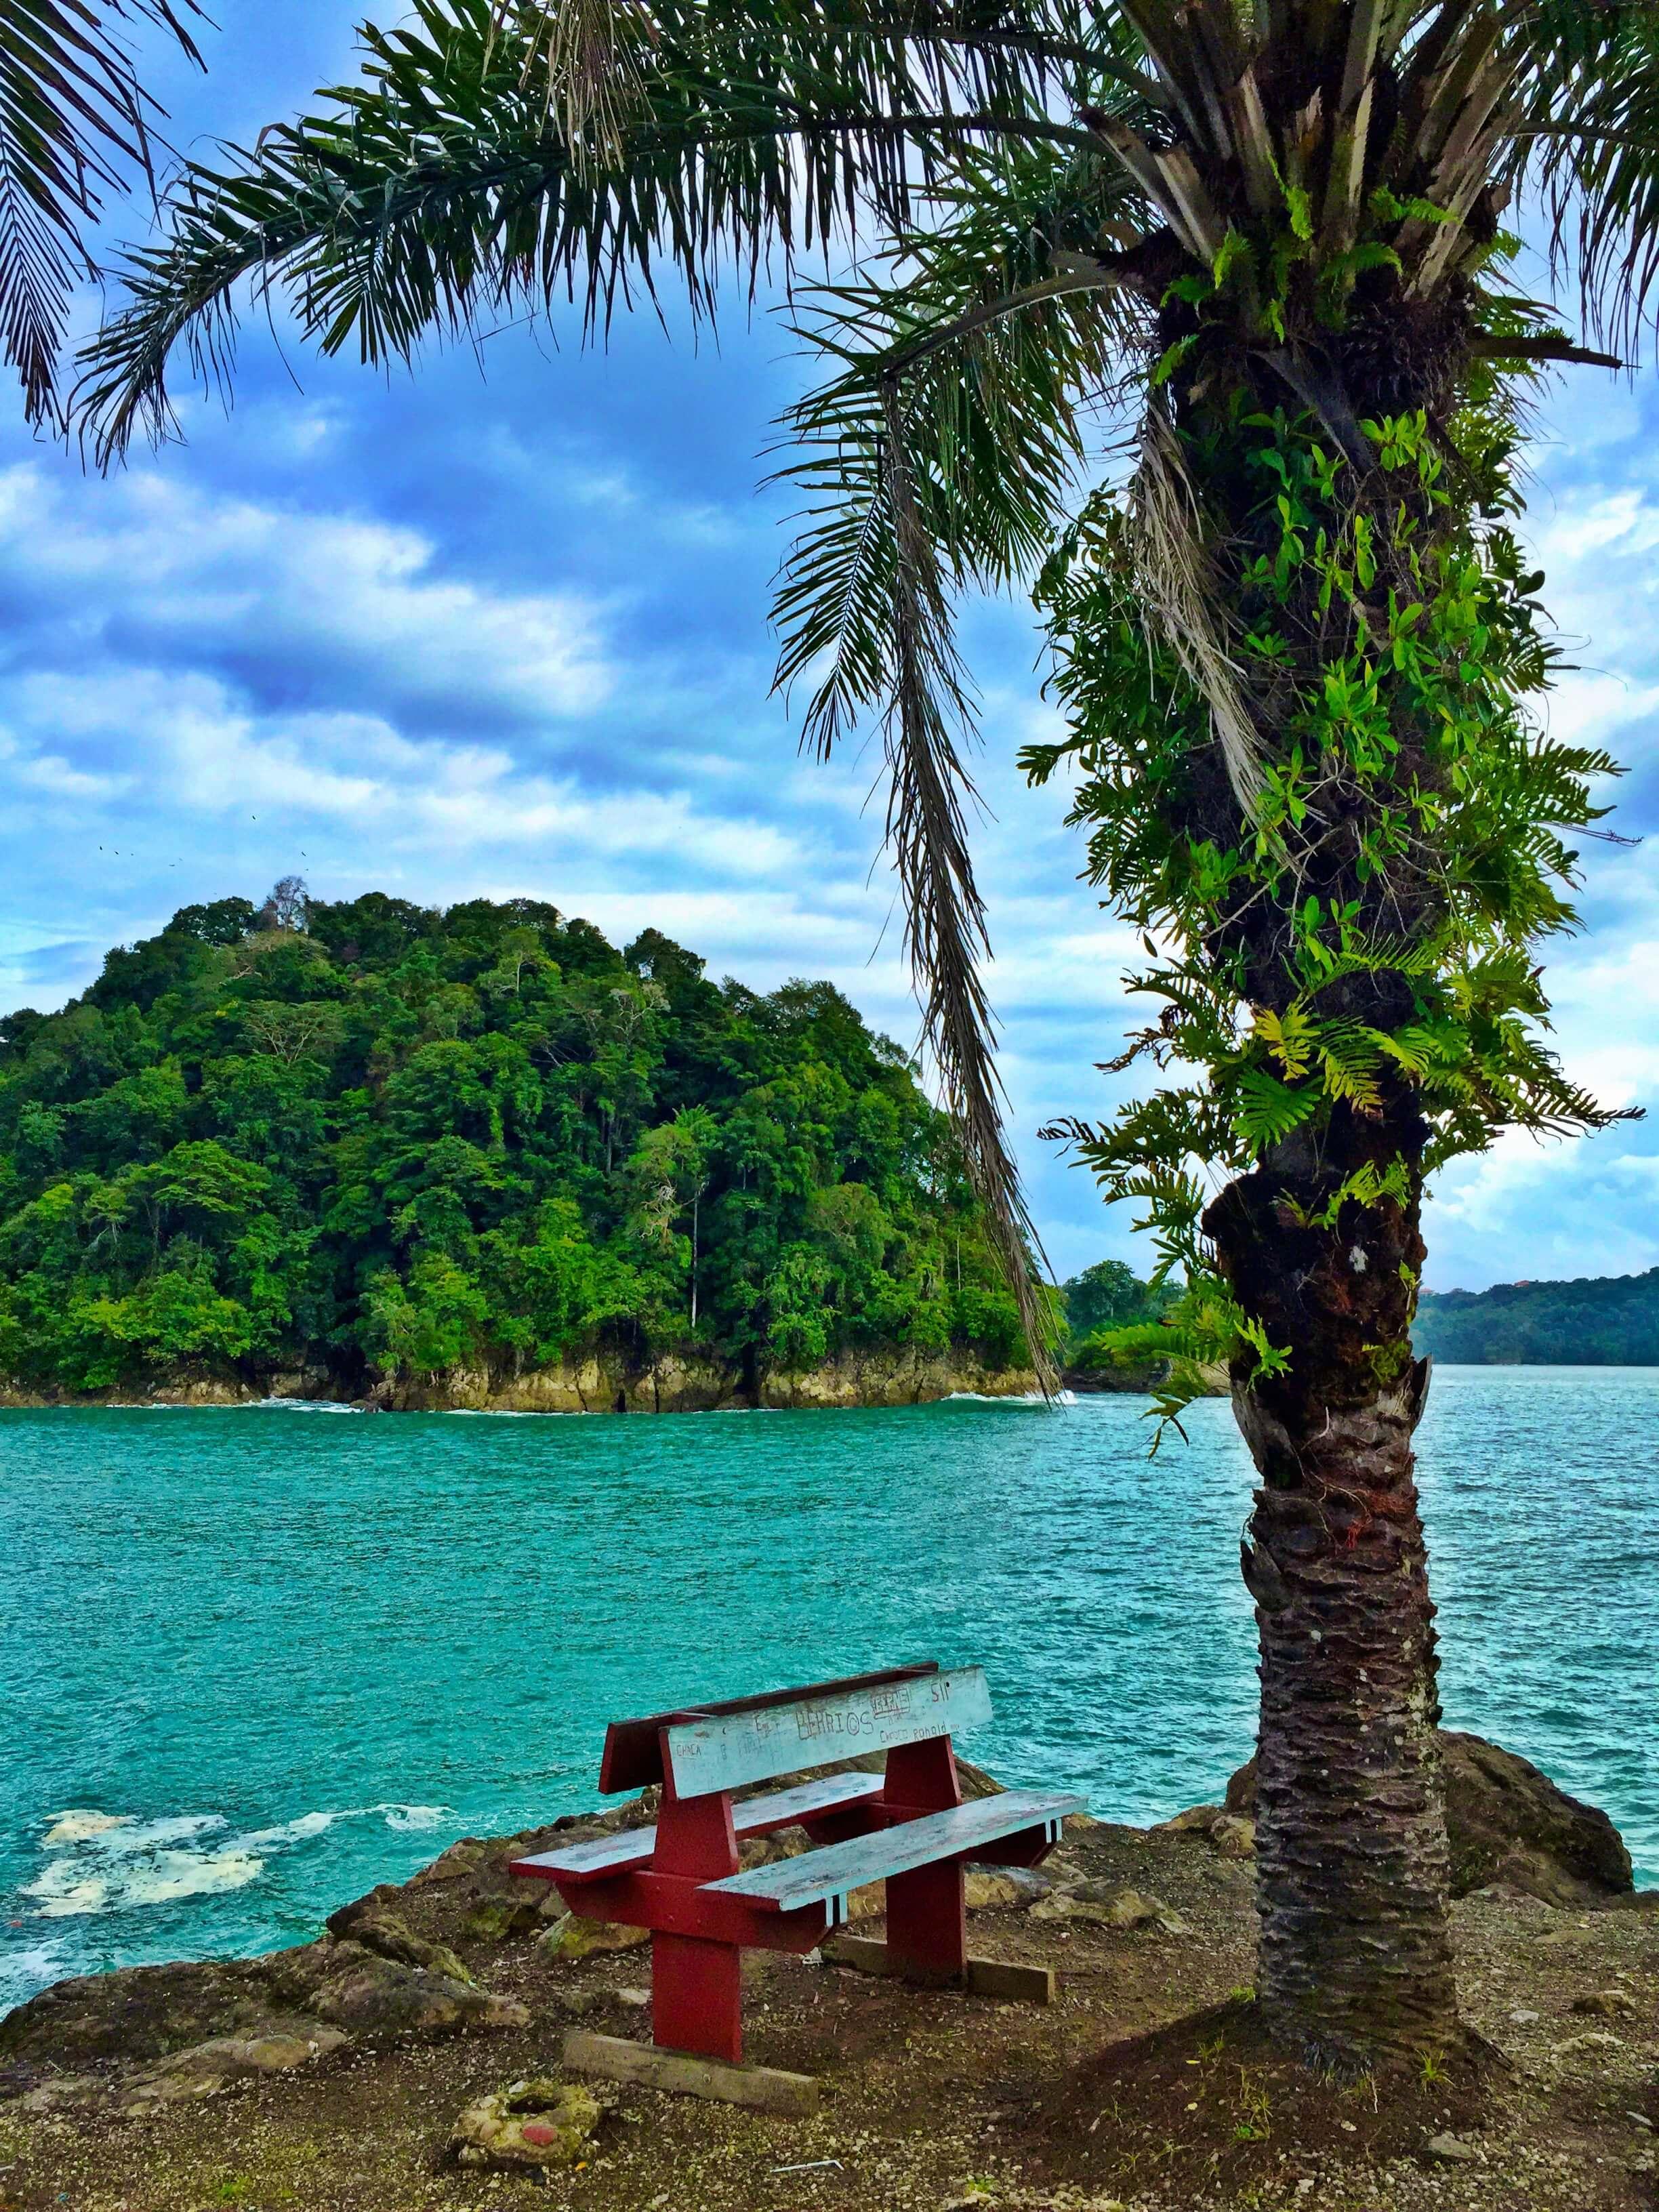 adventure-life-lessons-ocean-paradise-costa-rica